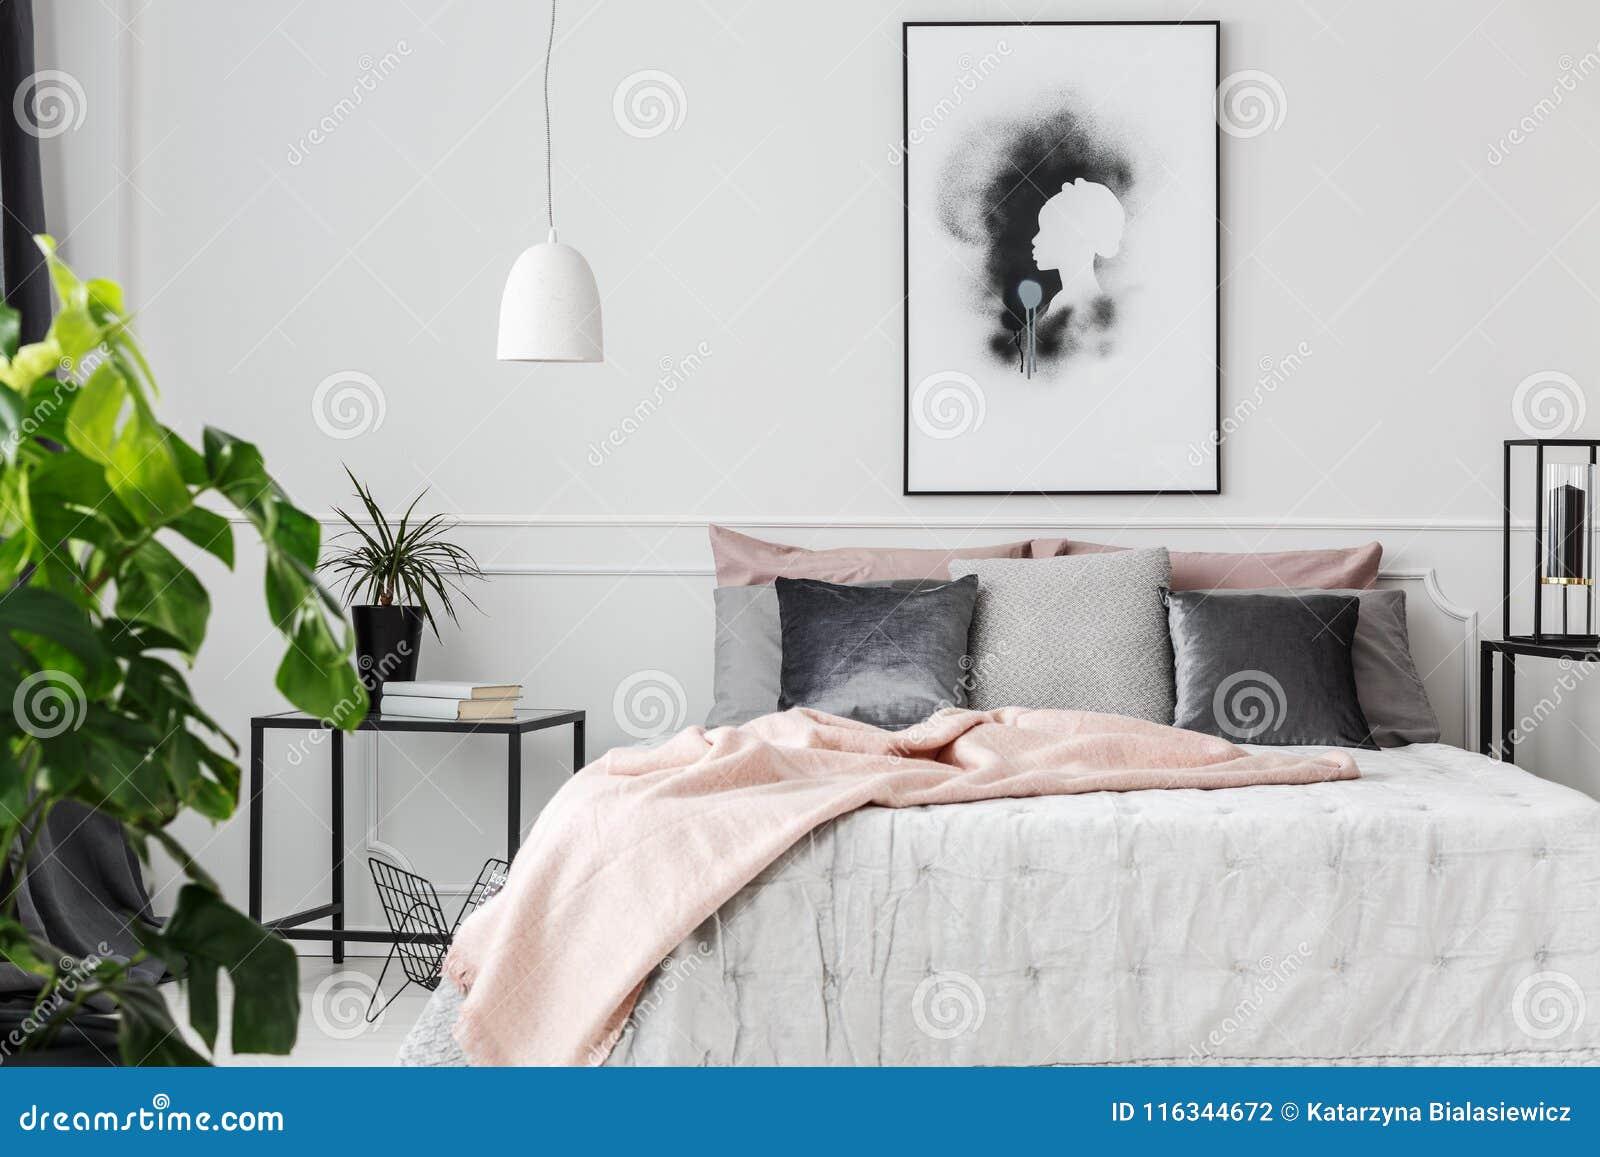 Różowa koc w kobiecej sypialni